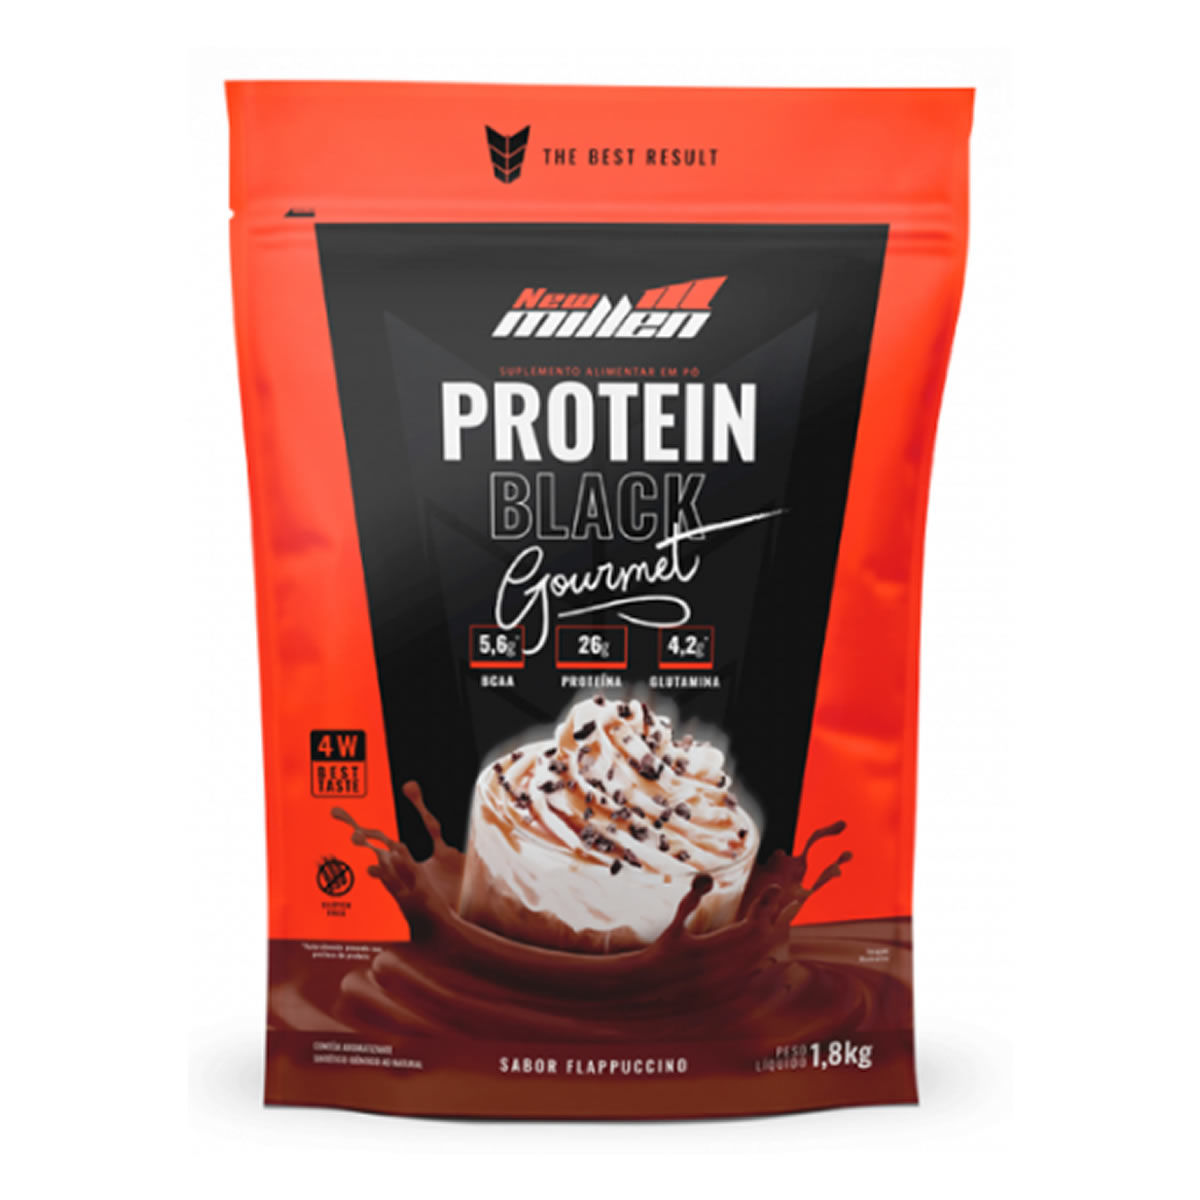 Protein Black Gourmet 1,8kg - New Millen